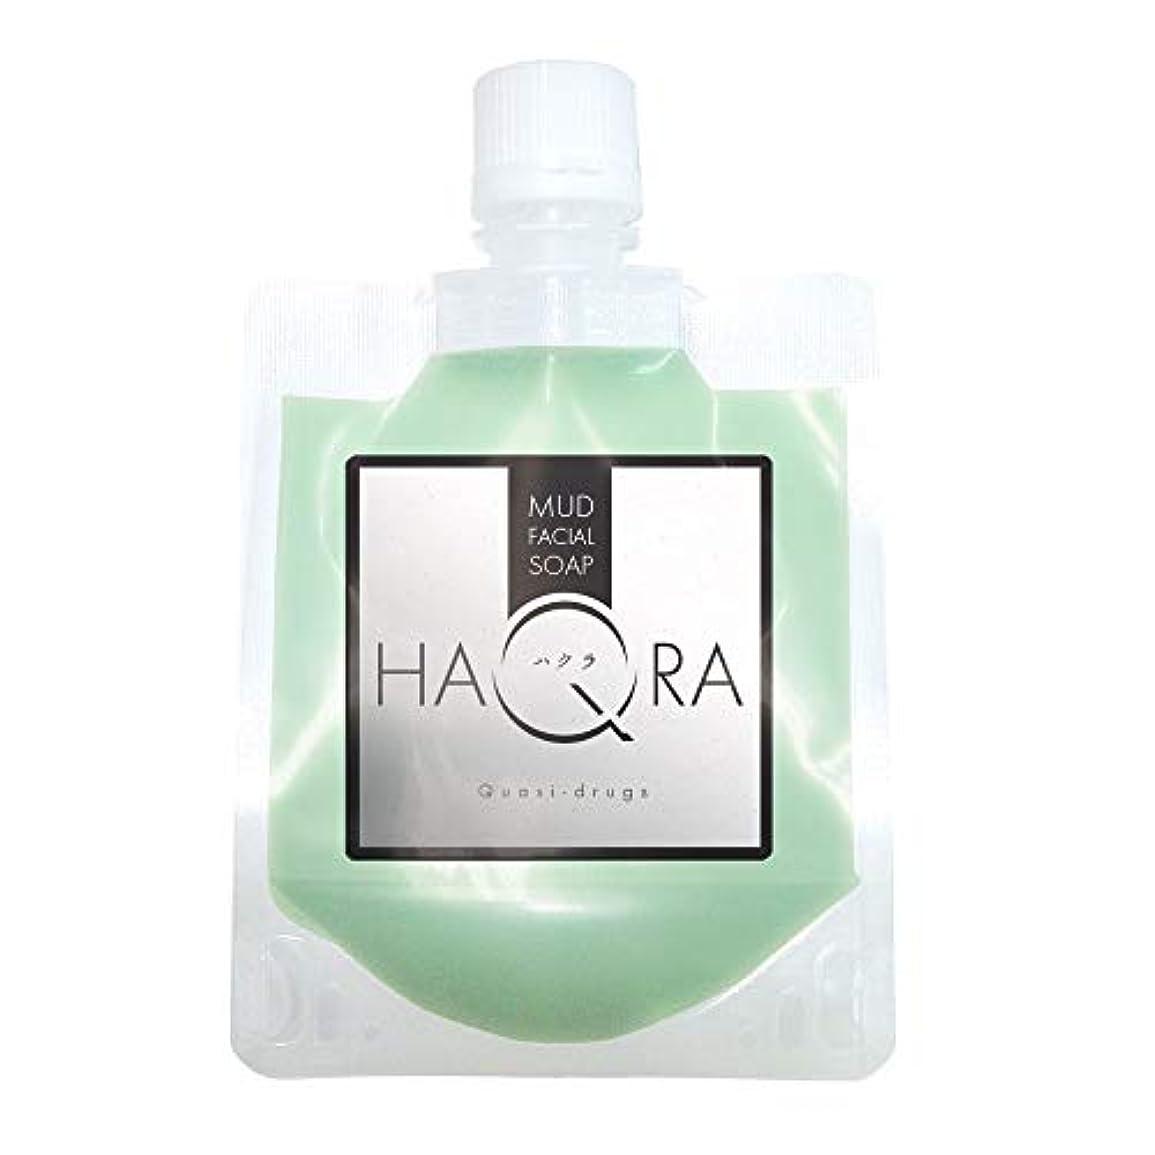 増幅恐怖不潔ハクラ HAQRA クレイ洗顔 泥洗顔 石鹸 石けん